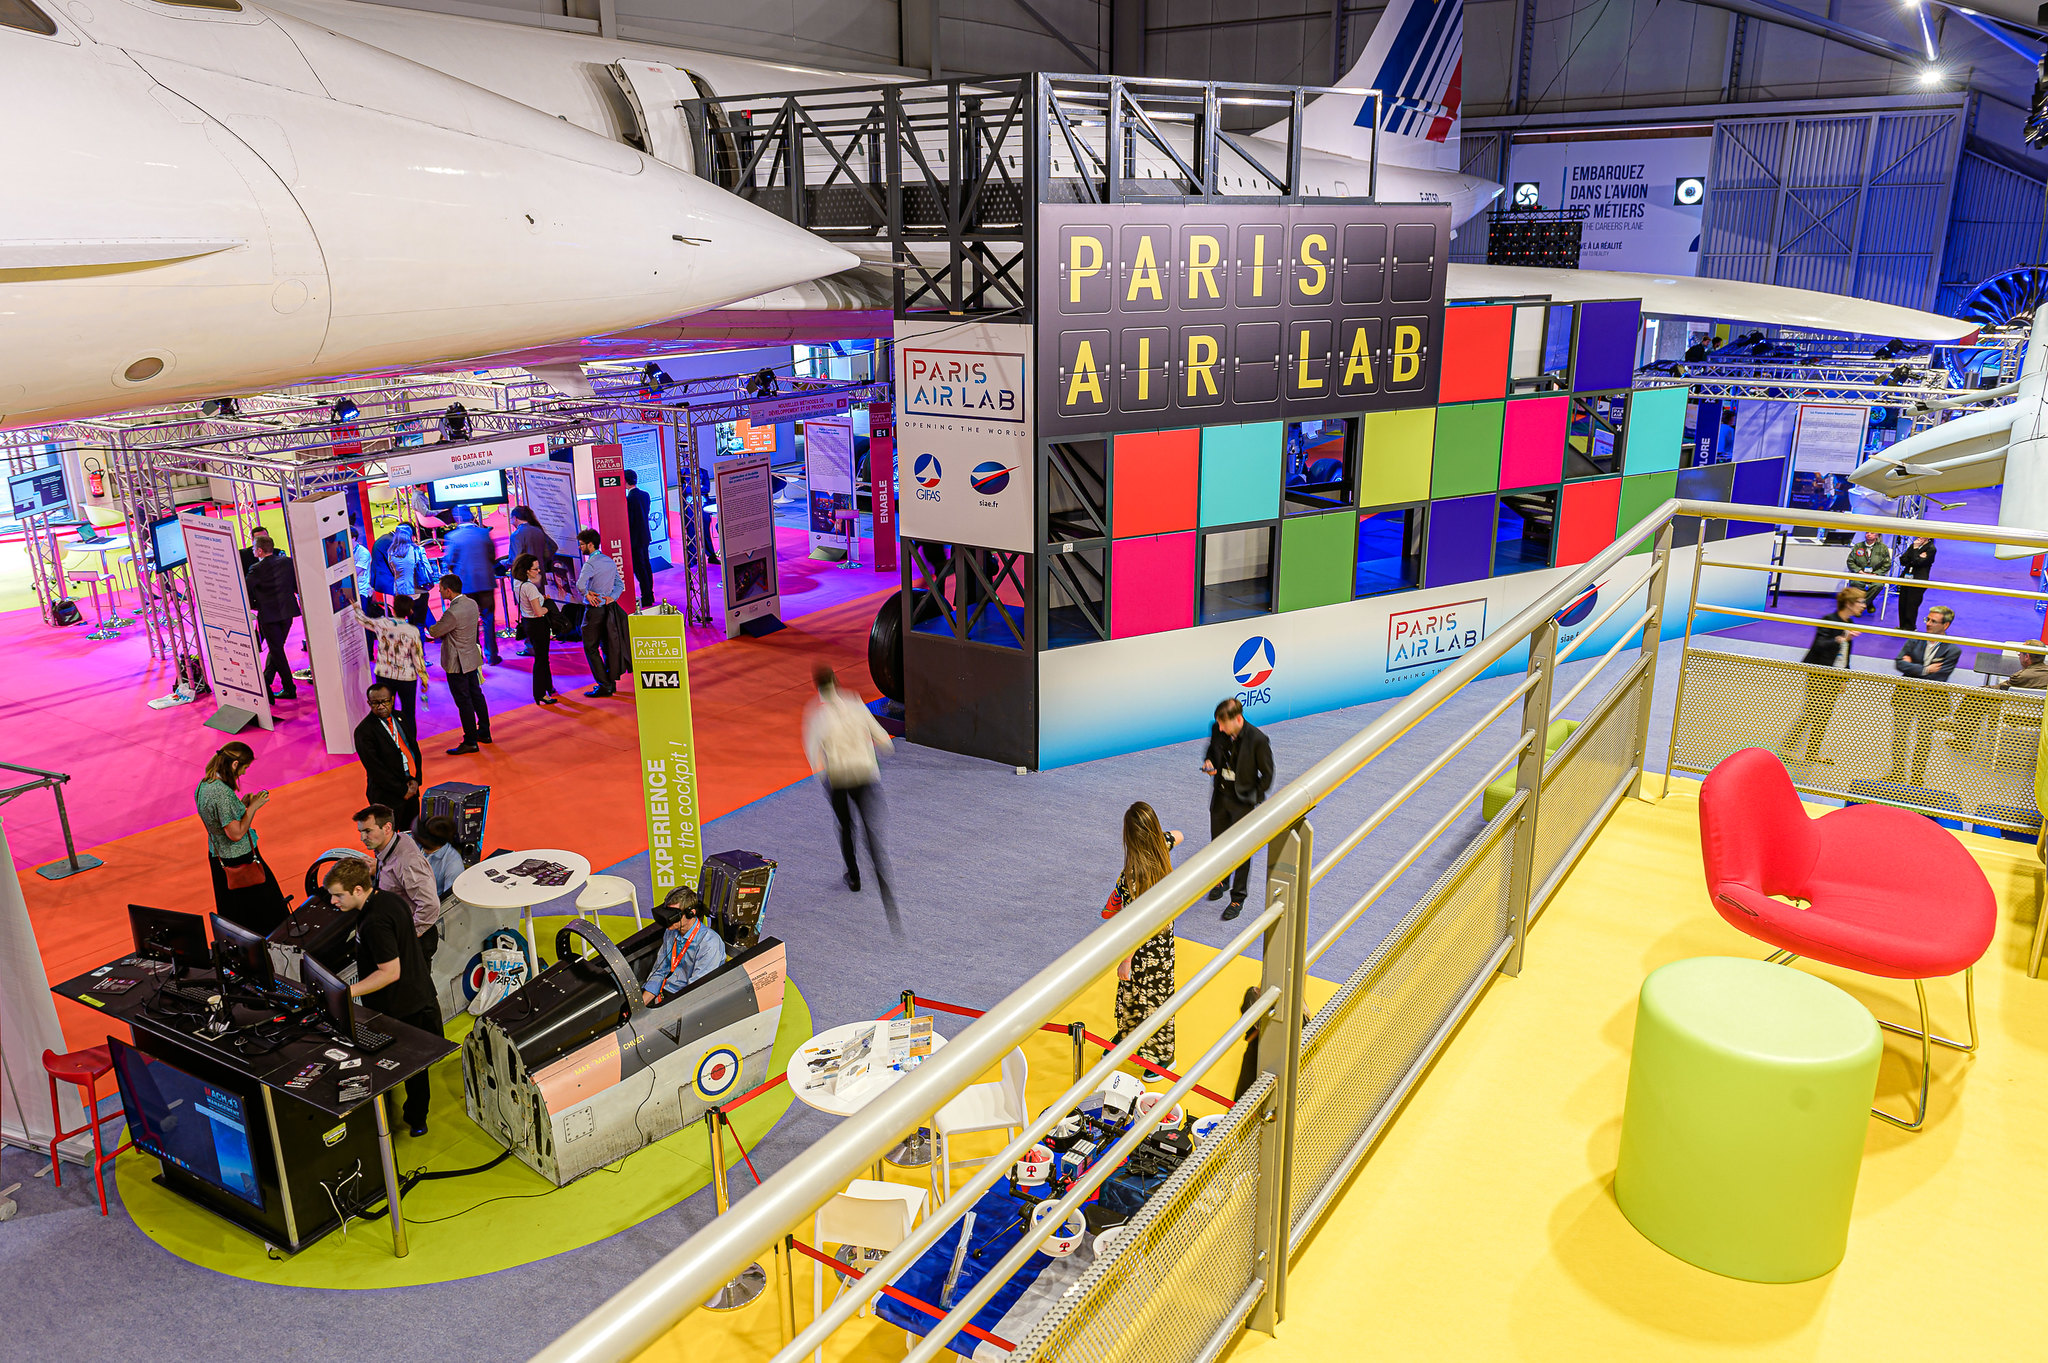 巴黎航空航天实验室创新展Paris Air Lab图片